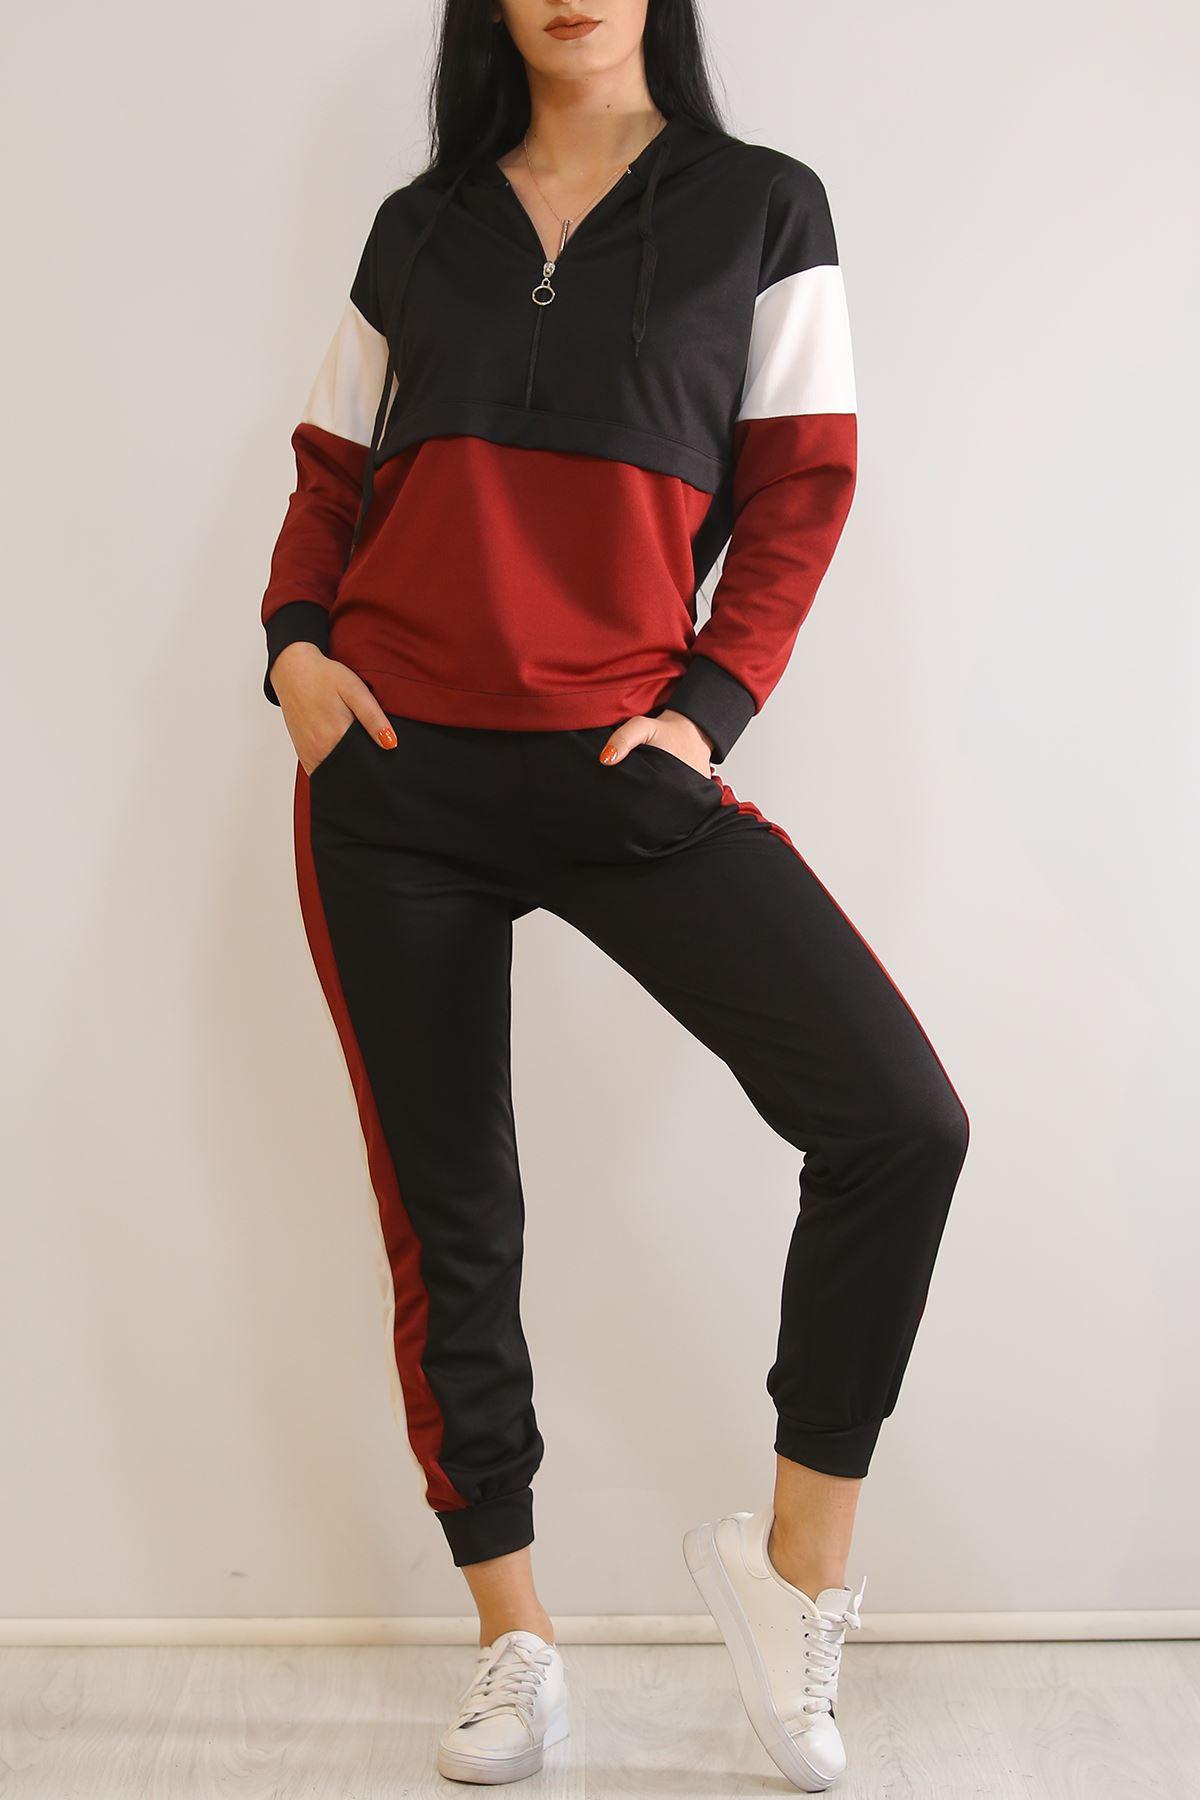 Kadın Eşofman Takımı Siyahbordo - 5325.1286.